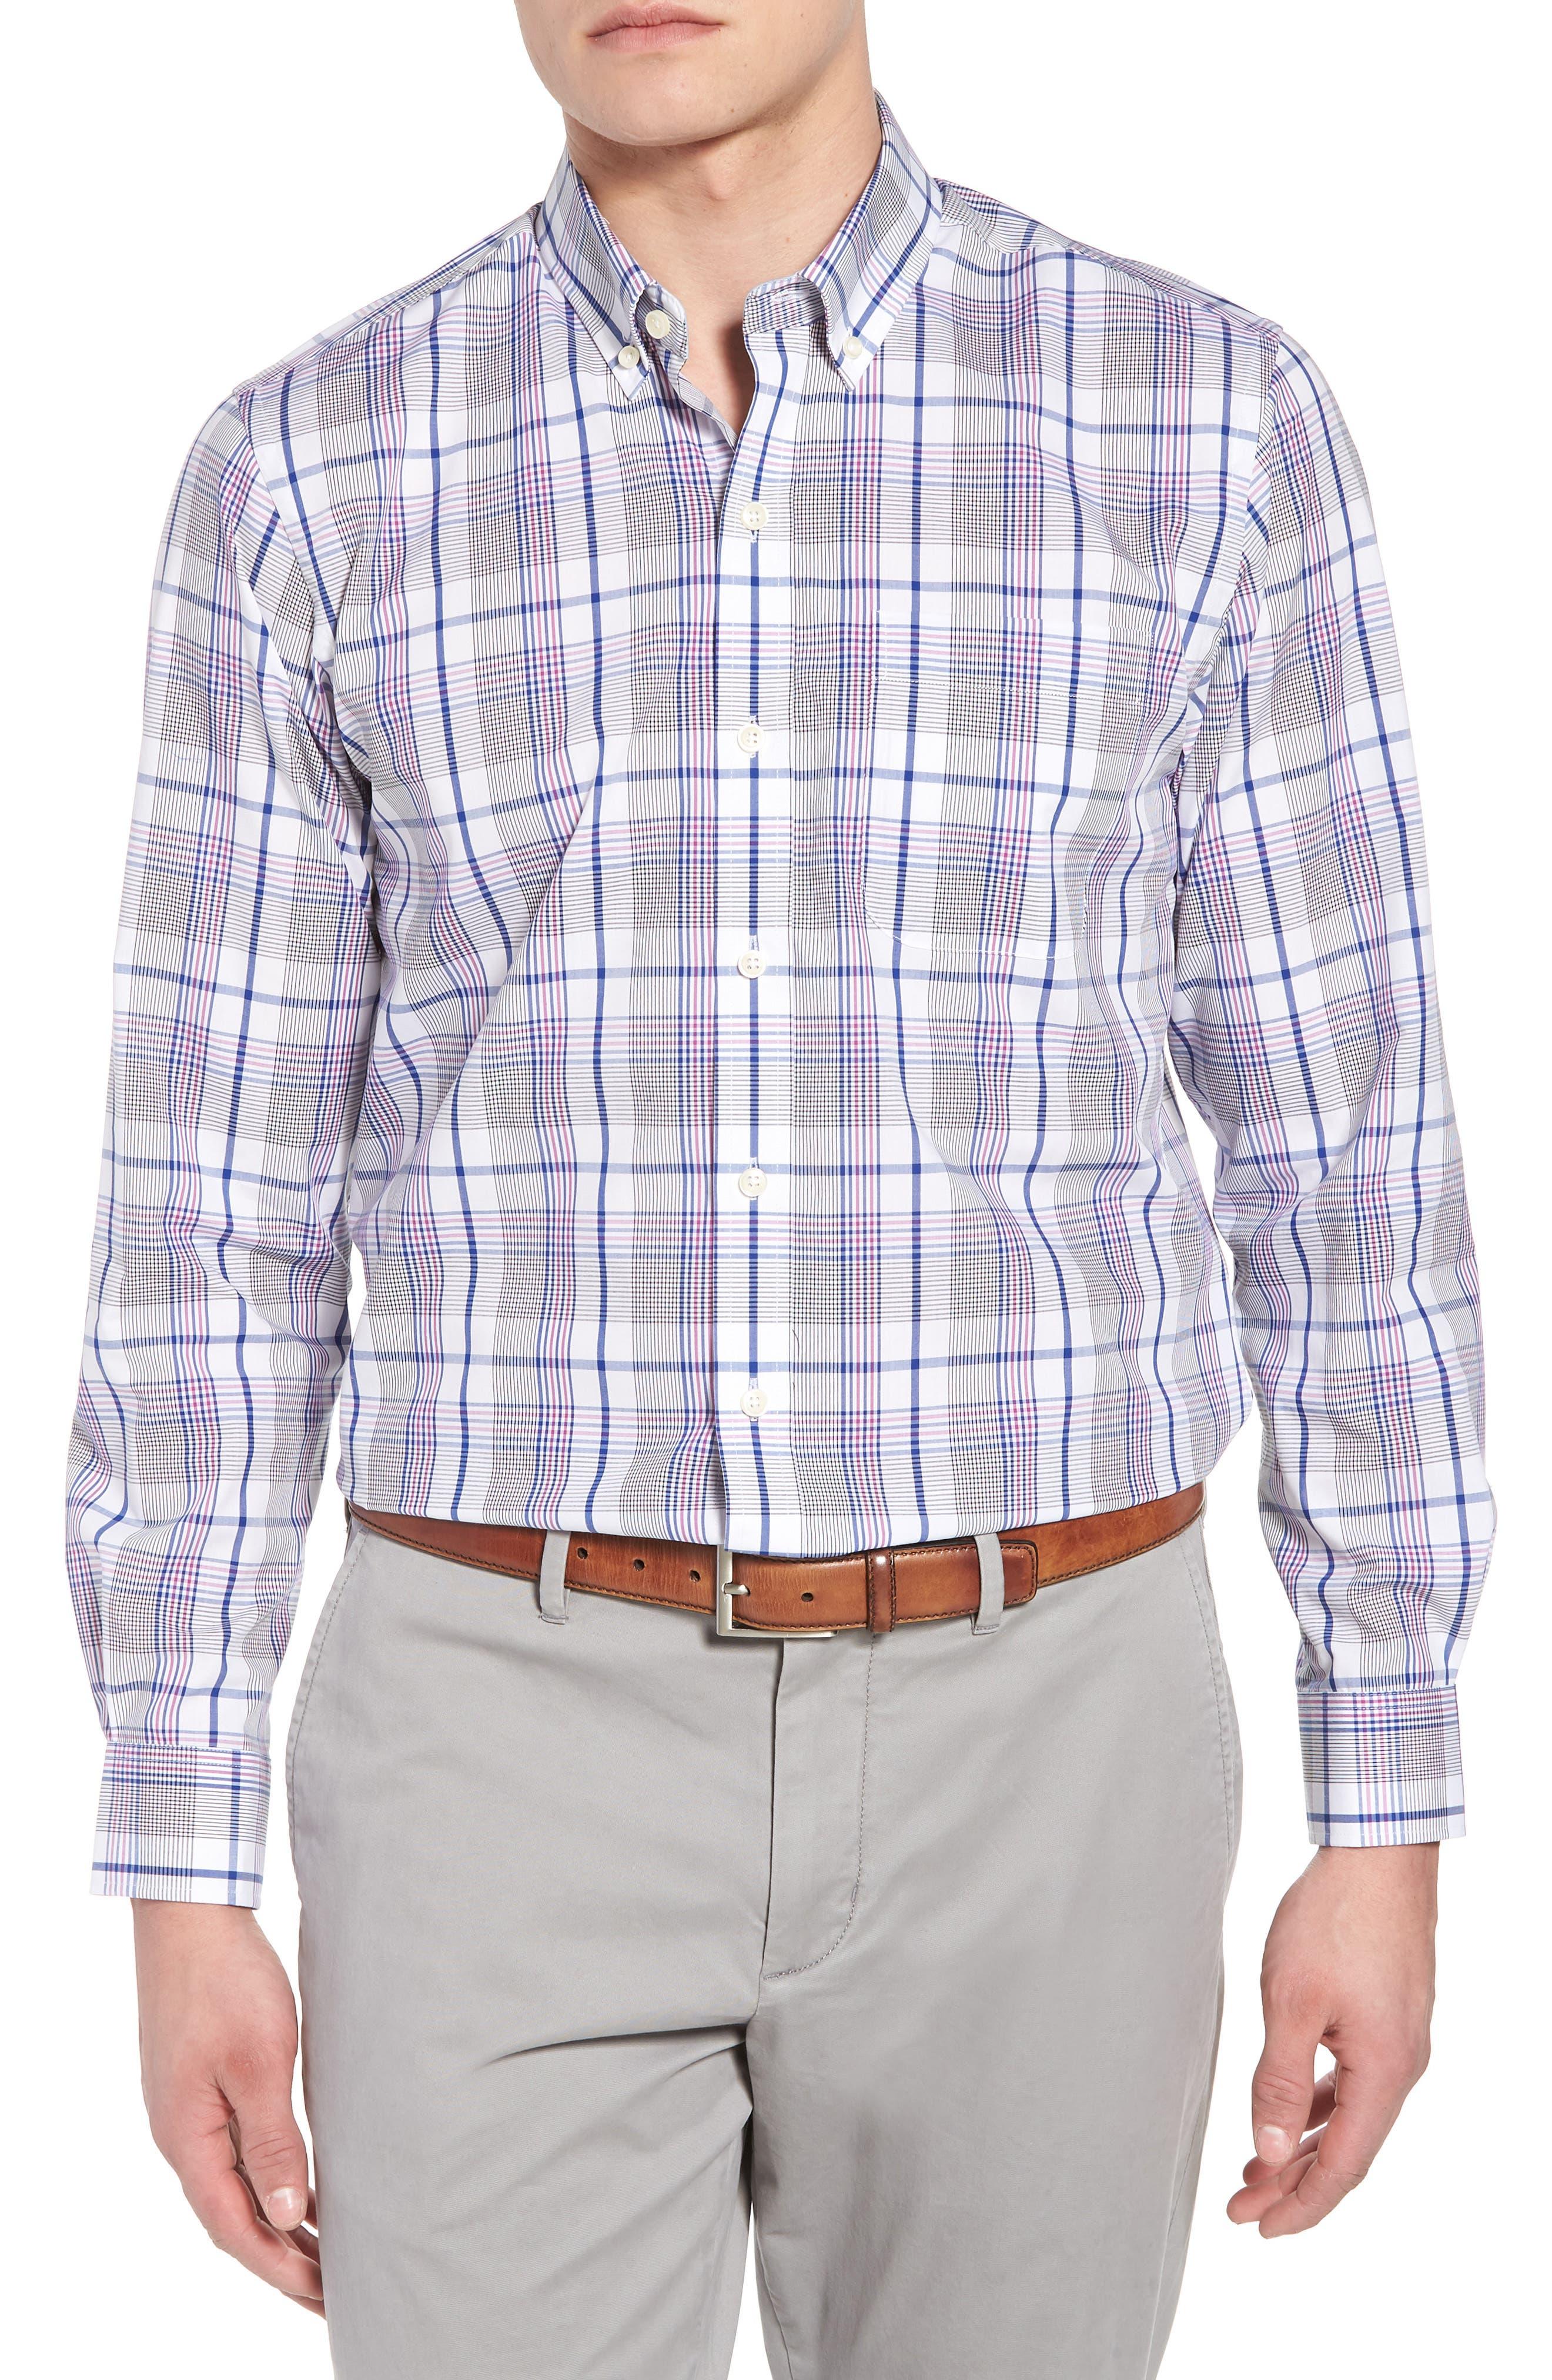 Aidan Non-Iron Plaid Sport Shirt,                         Main,                         color, 419